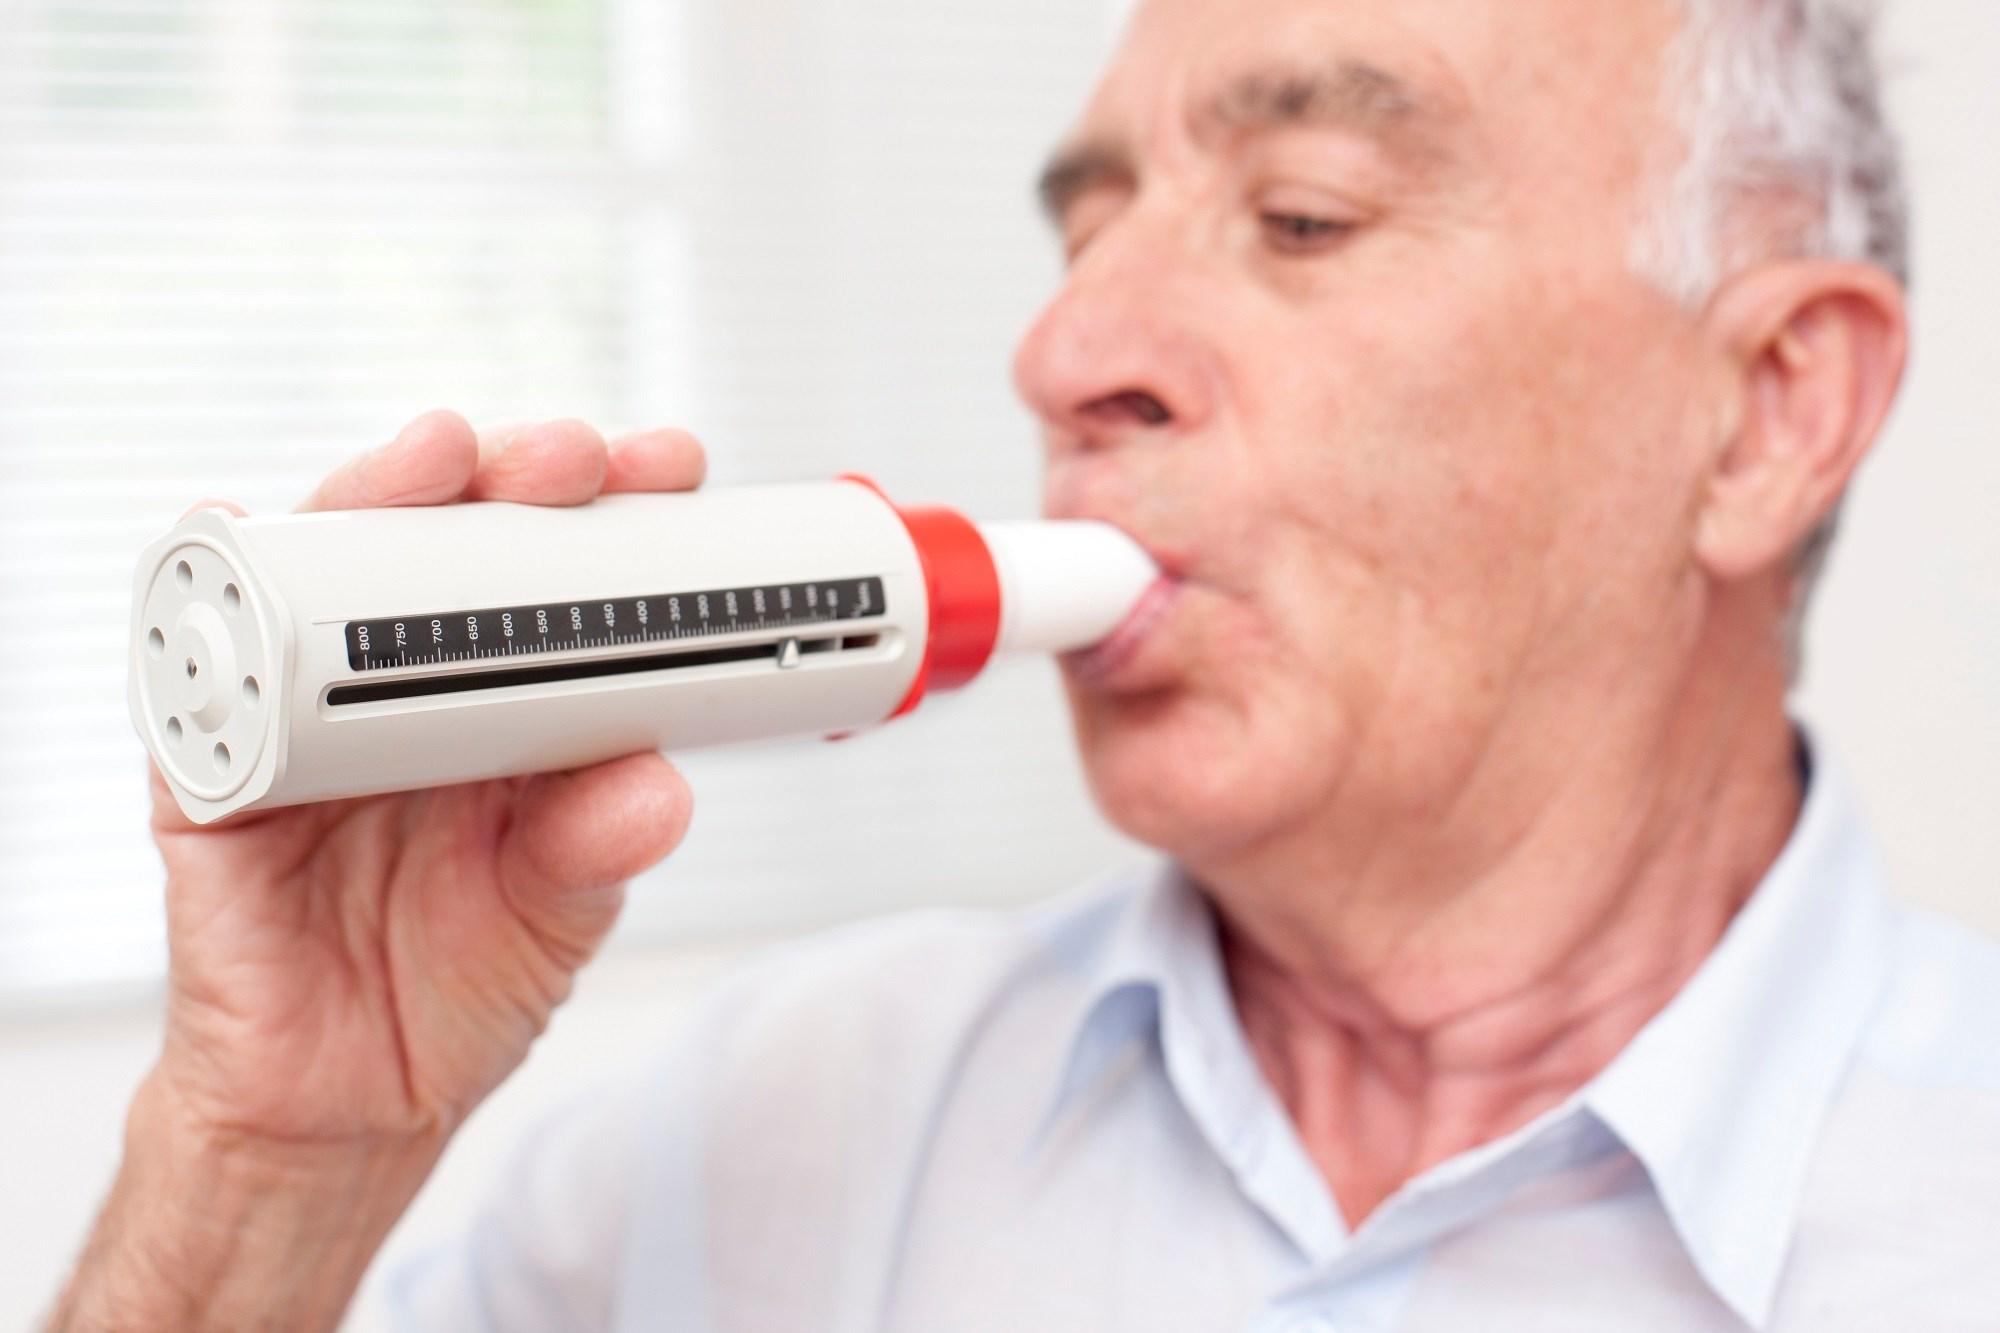 Sensor Array May Detect De Novo Parkinson's Disease in Breath